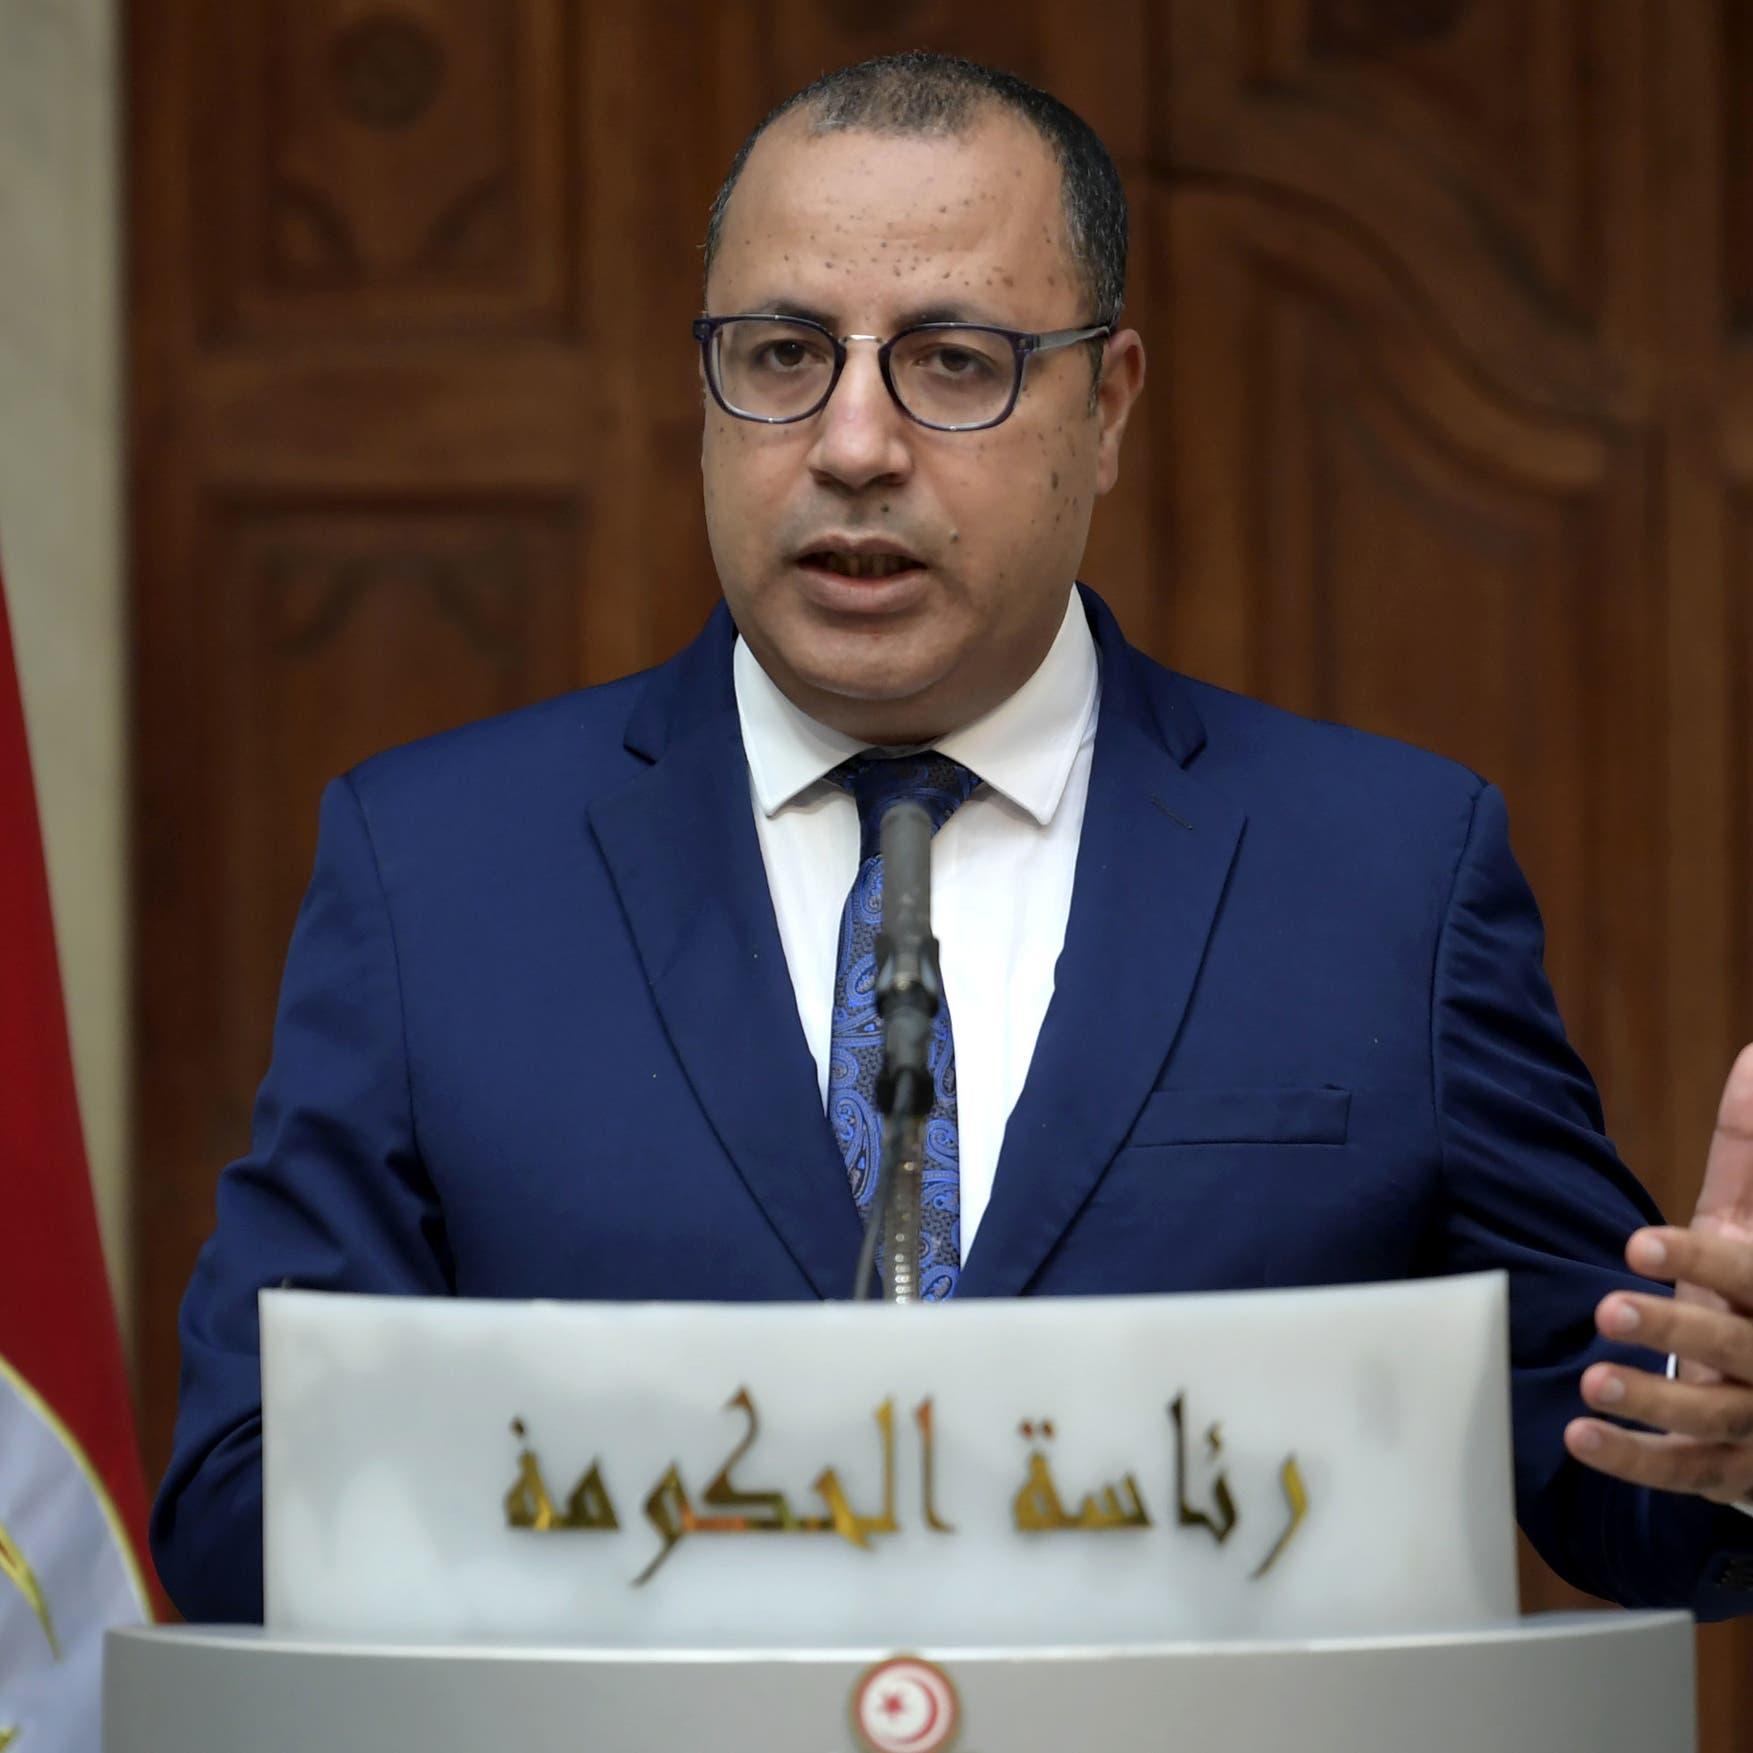 بدعم النهضة.. أيتخطى المشيشي رئيس تونس؟